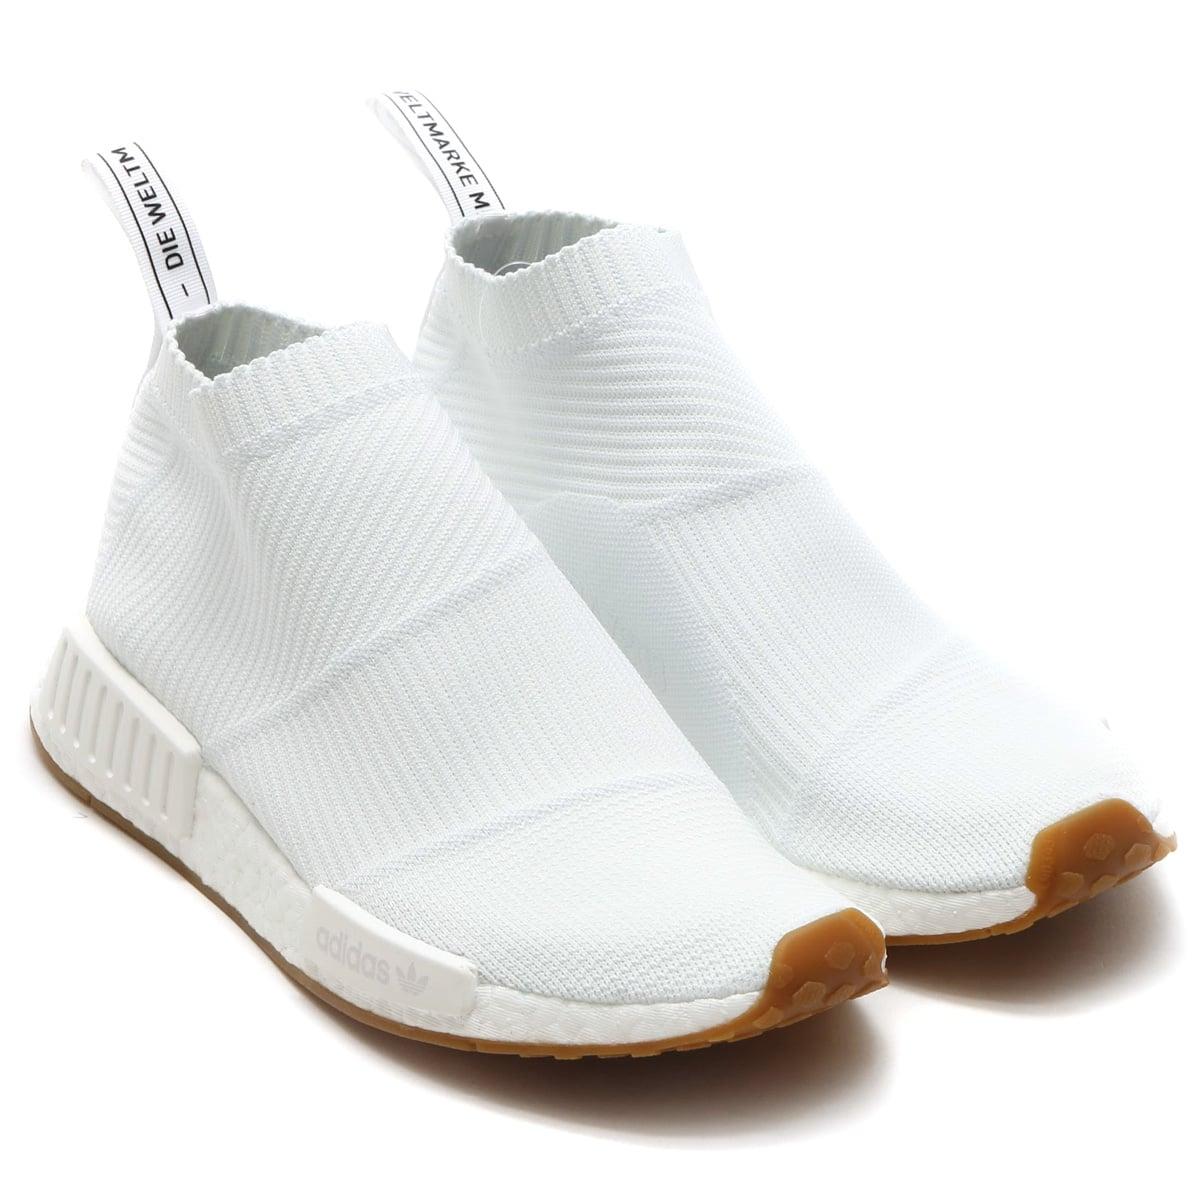 adidas Originals NMD CS1 PK RUNNING WHITE